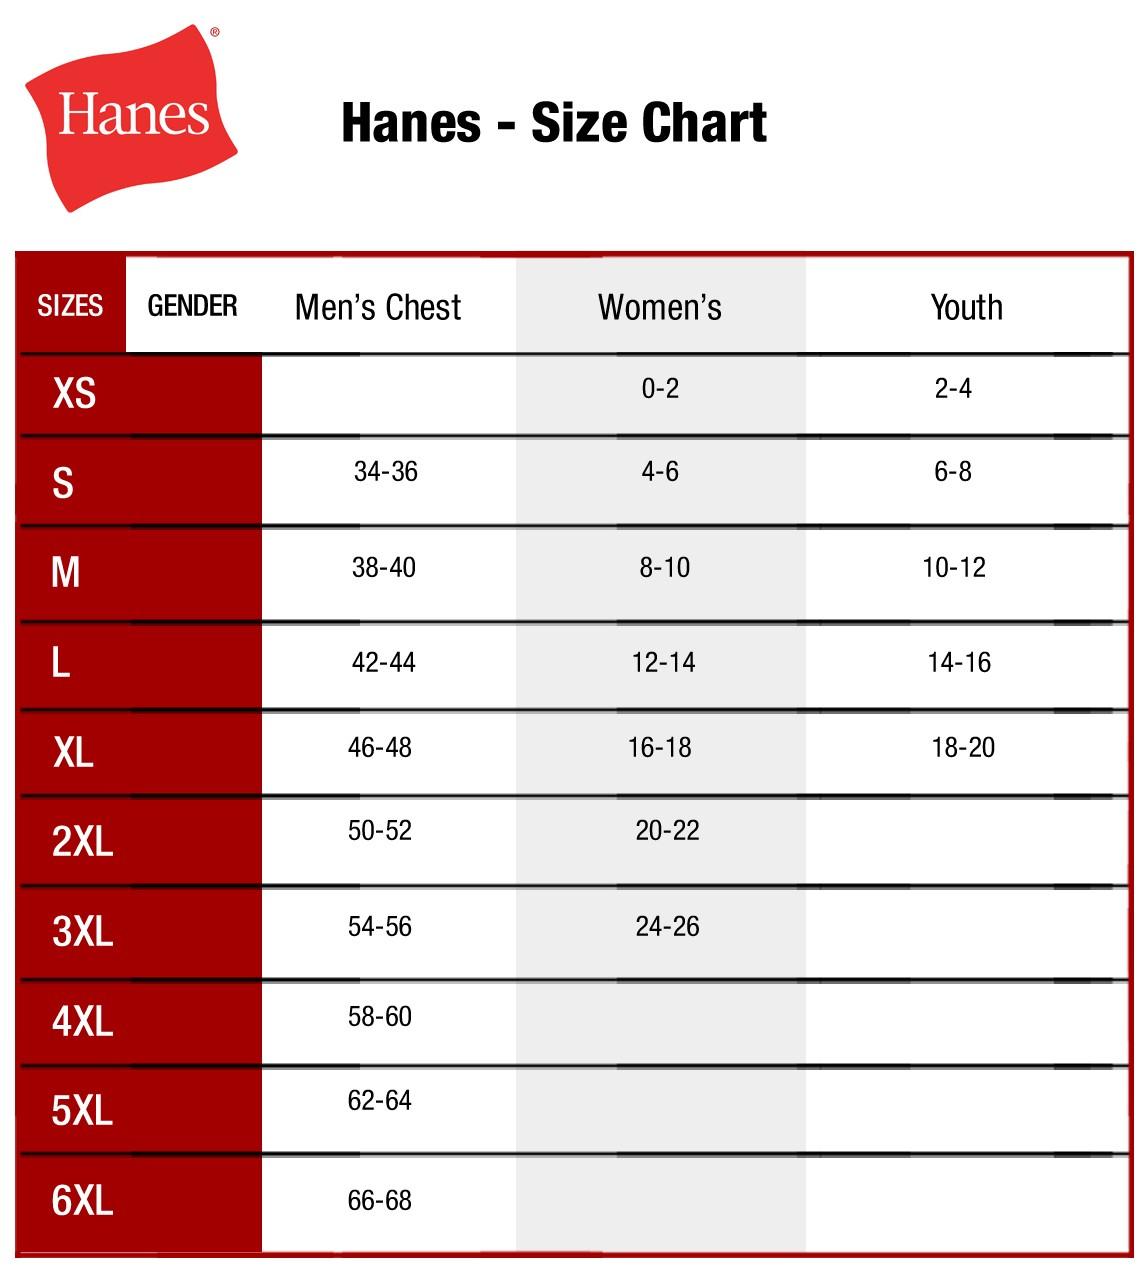 Size chart hanes heart impulsar co